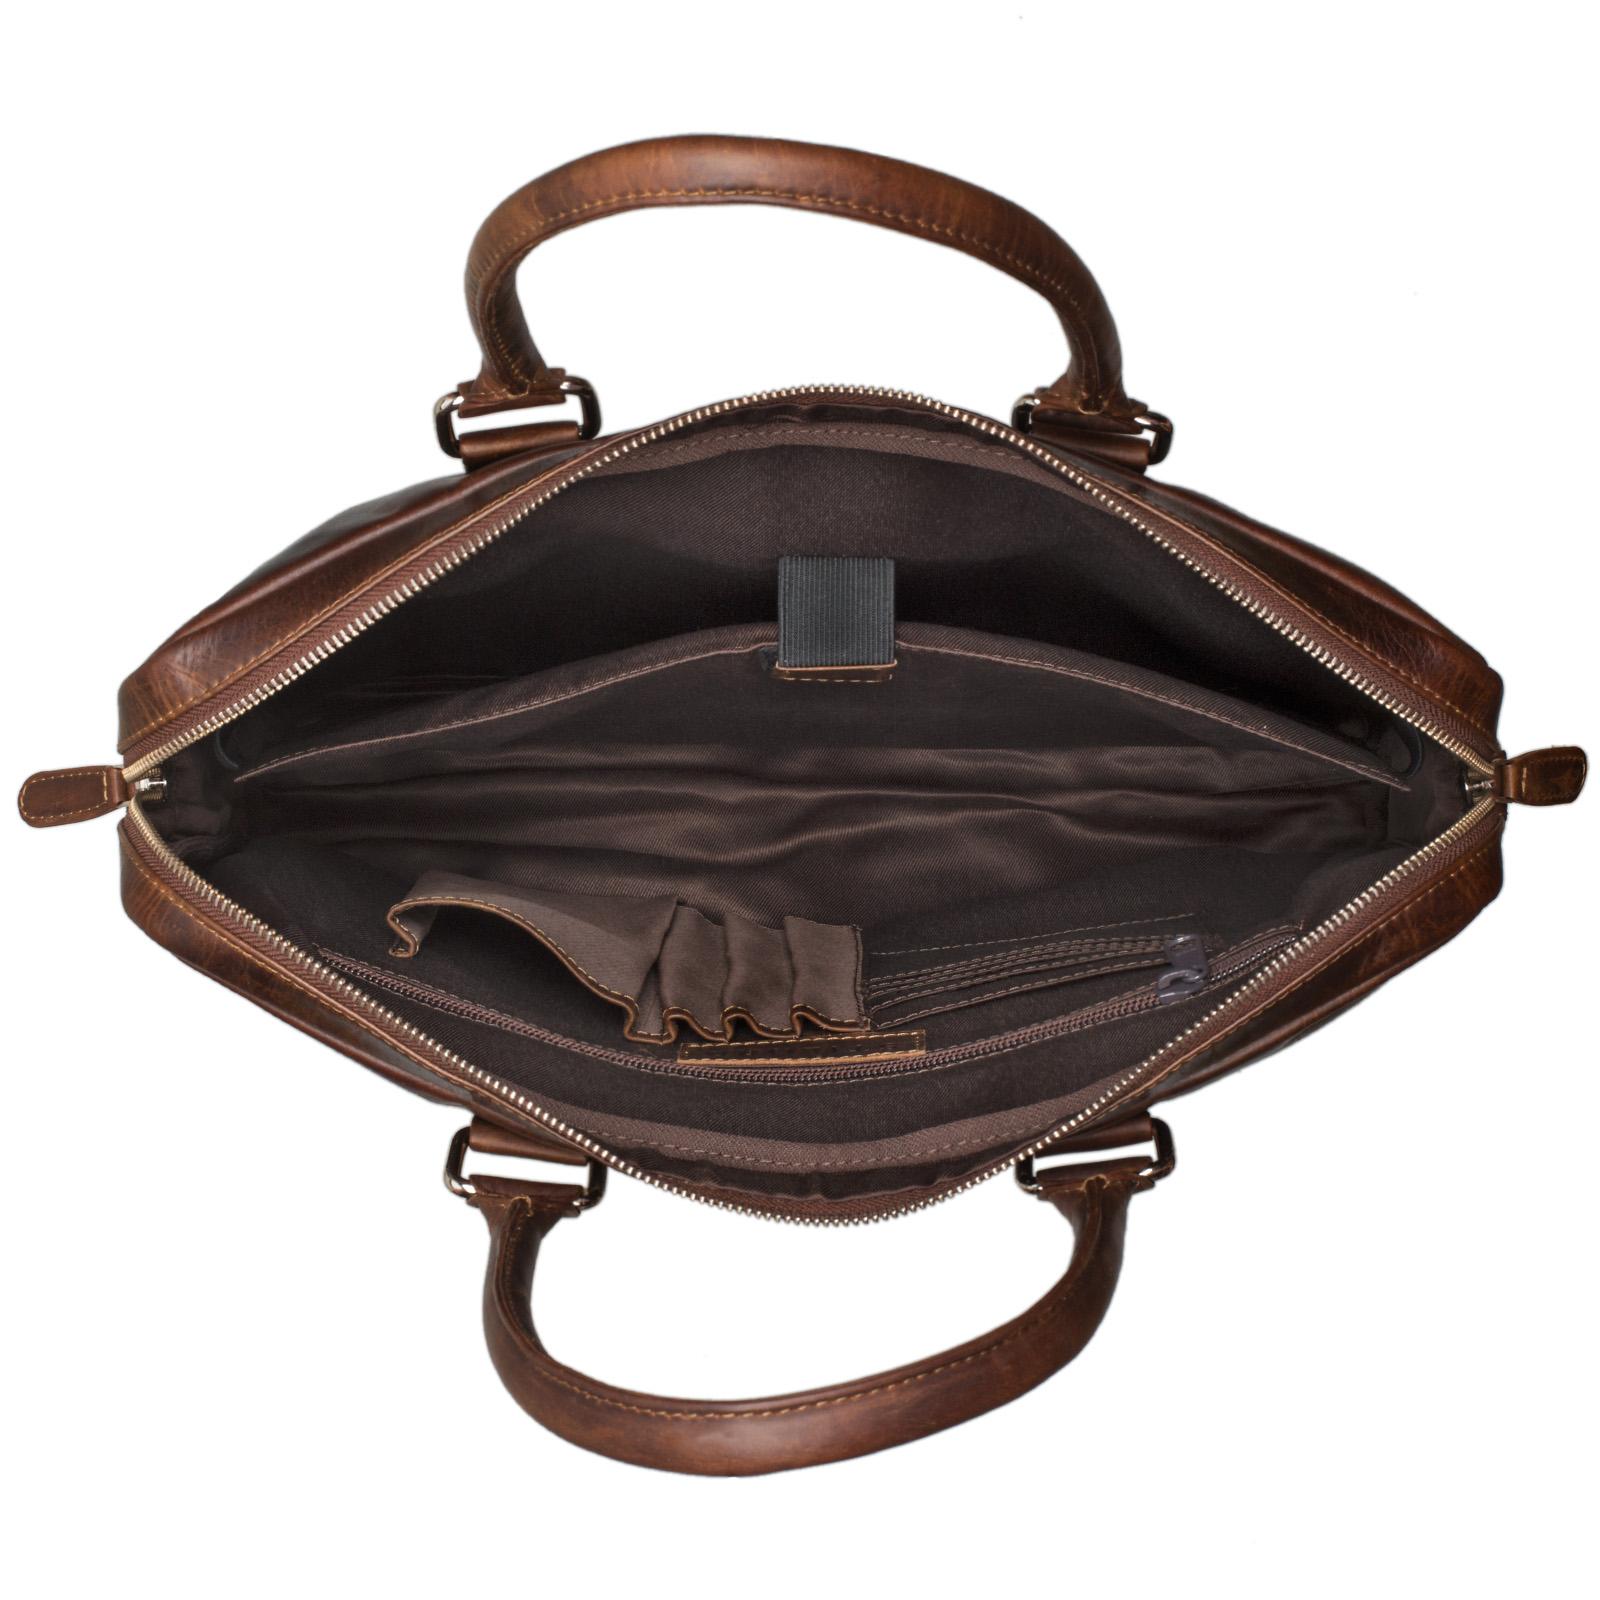 """STILORD """"Emilio"""" Umhängetasche Leder Vintage groß Schultertasche elegante Handtasche für Büro Business Arbeit Laptop 13.3 Zoll Aktentasche DIN A4 - Bild 17"""